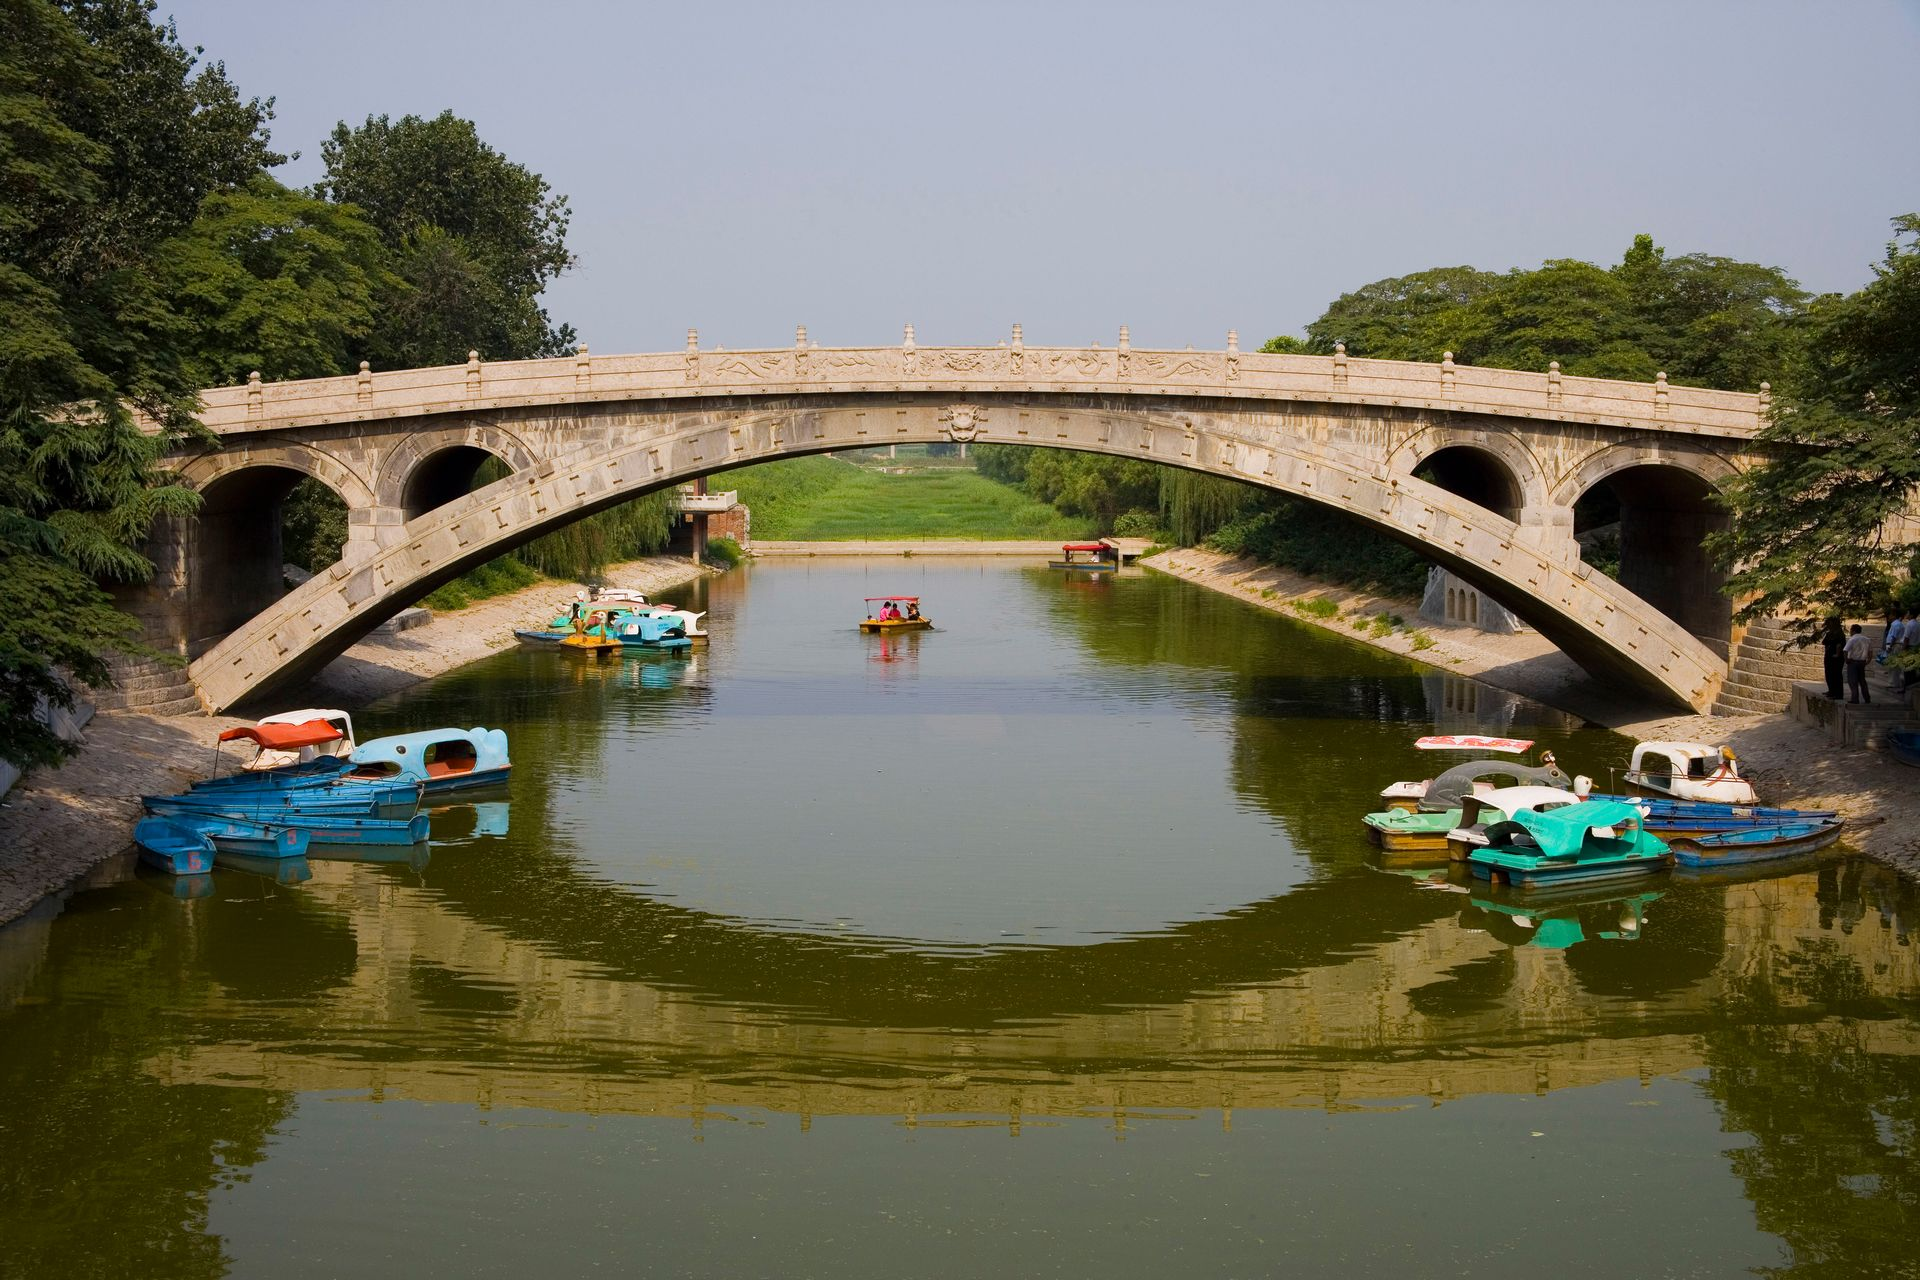 显示了我国古代人民劳动非凡智慧的四大古桥